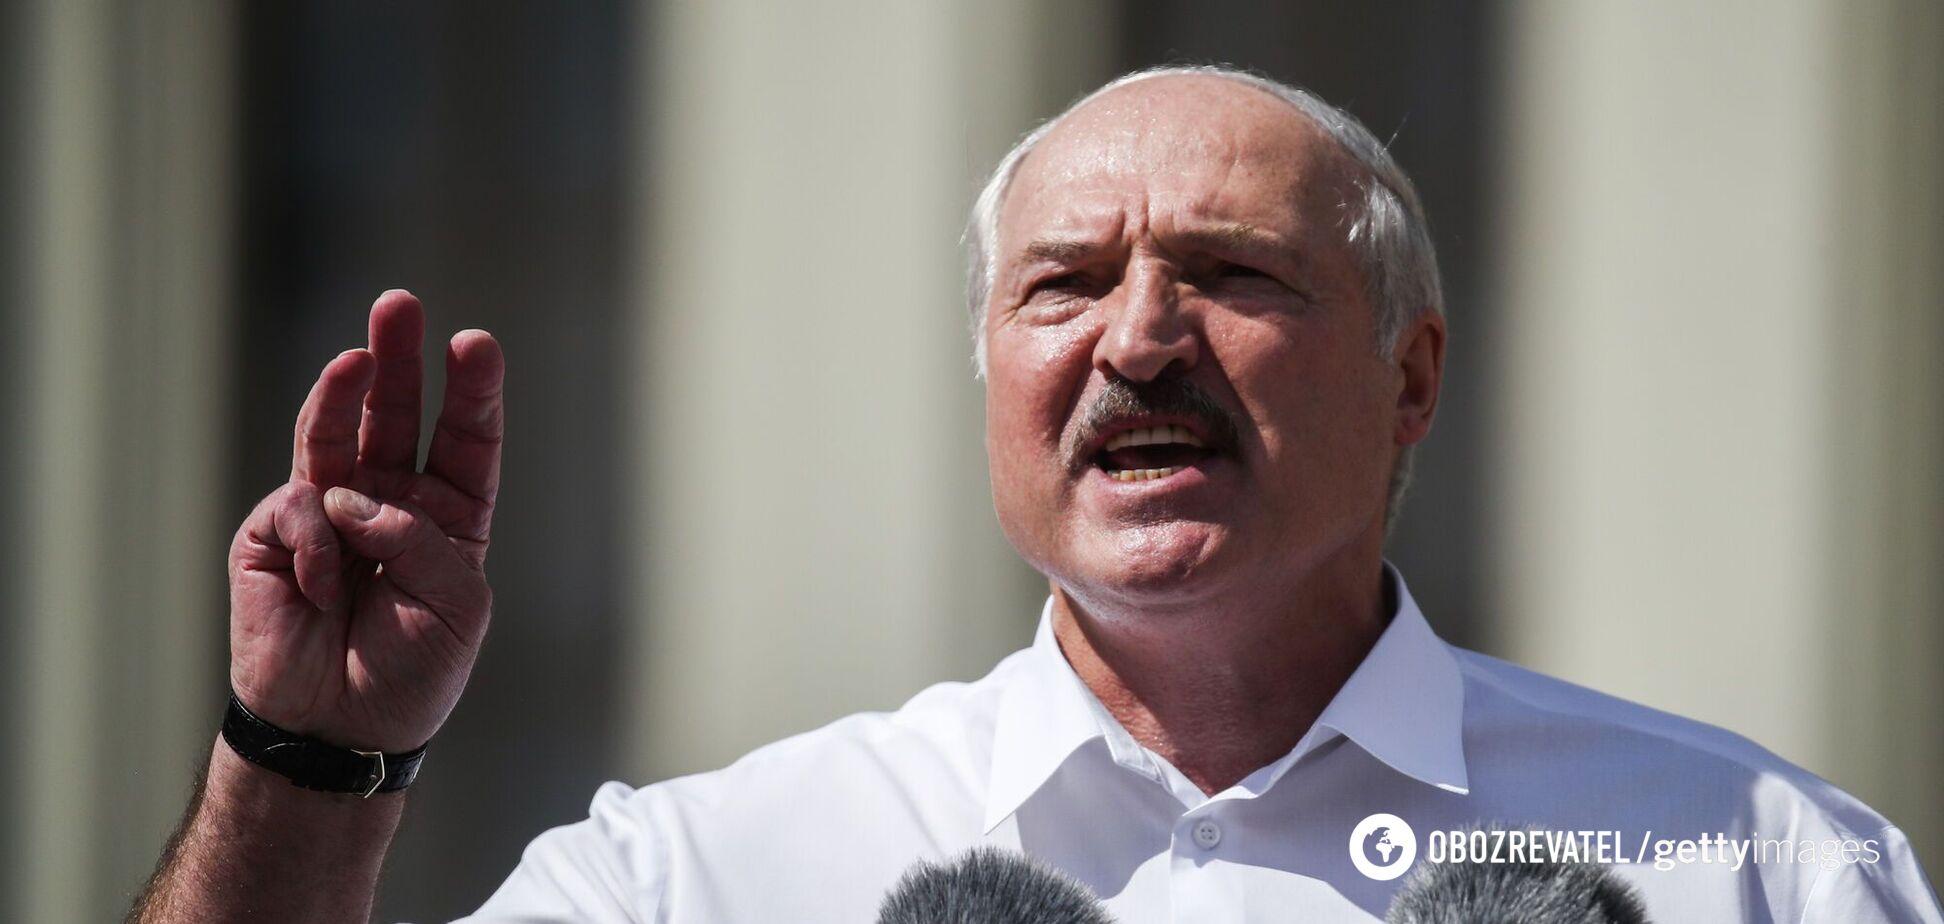 Лукашенко обругал iPhone и призвал пользоваться кнопочными телефонами. Видео